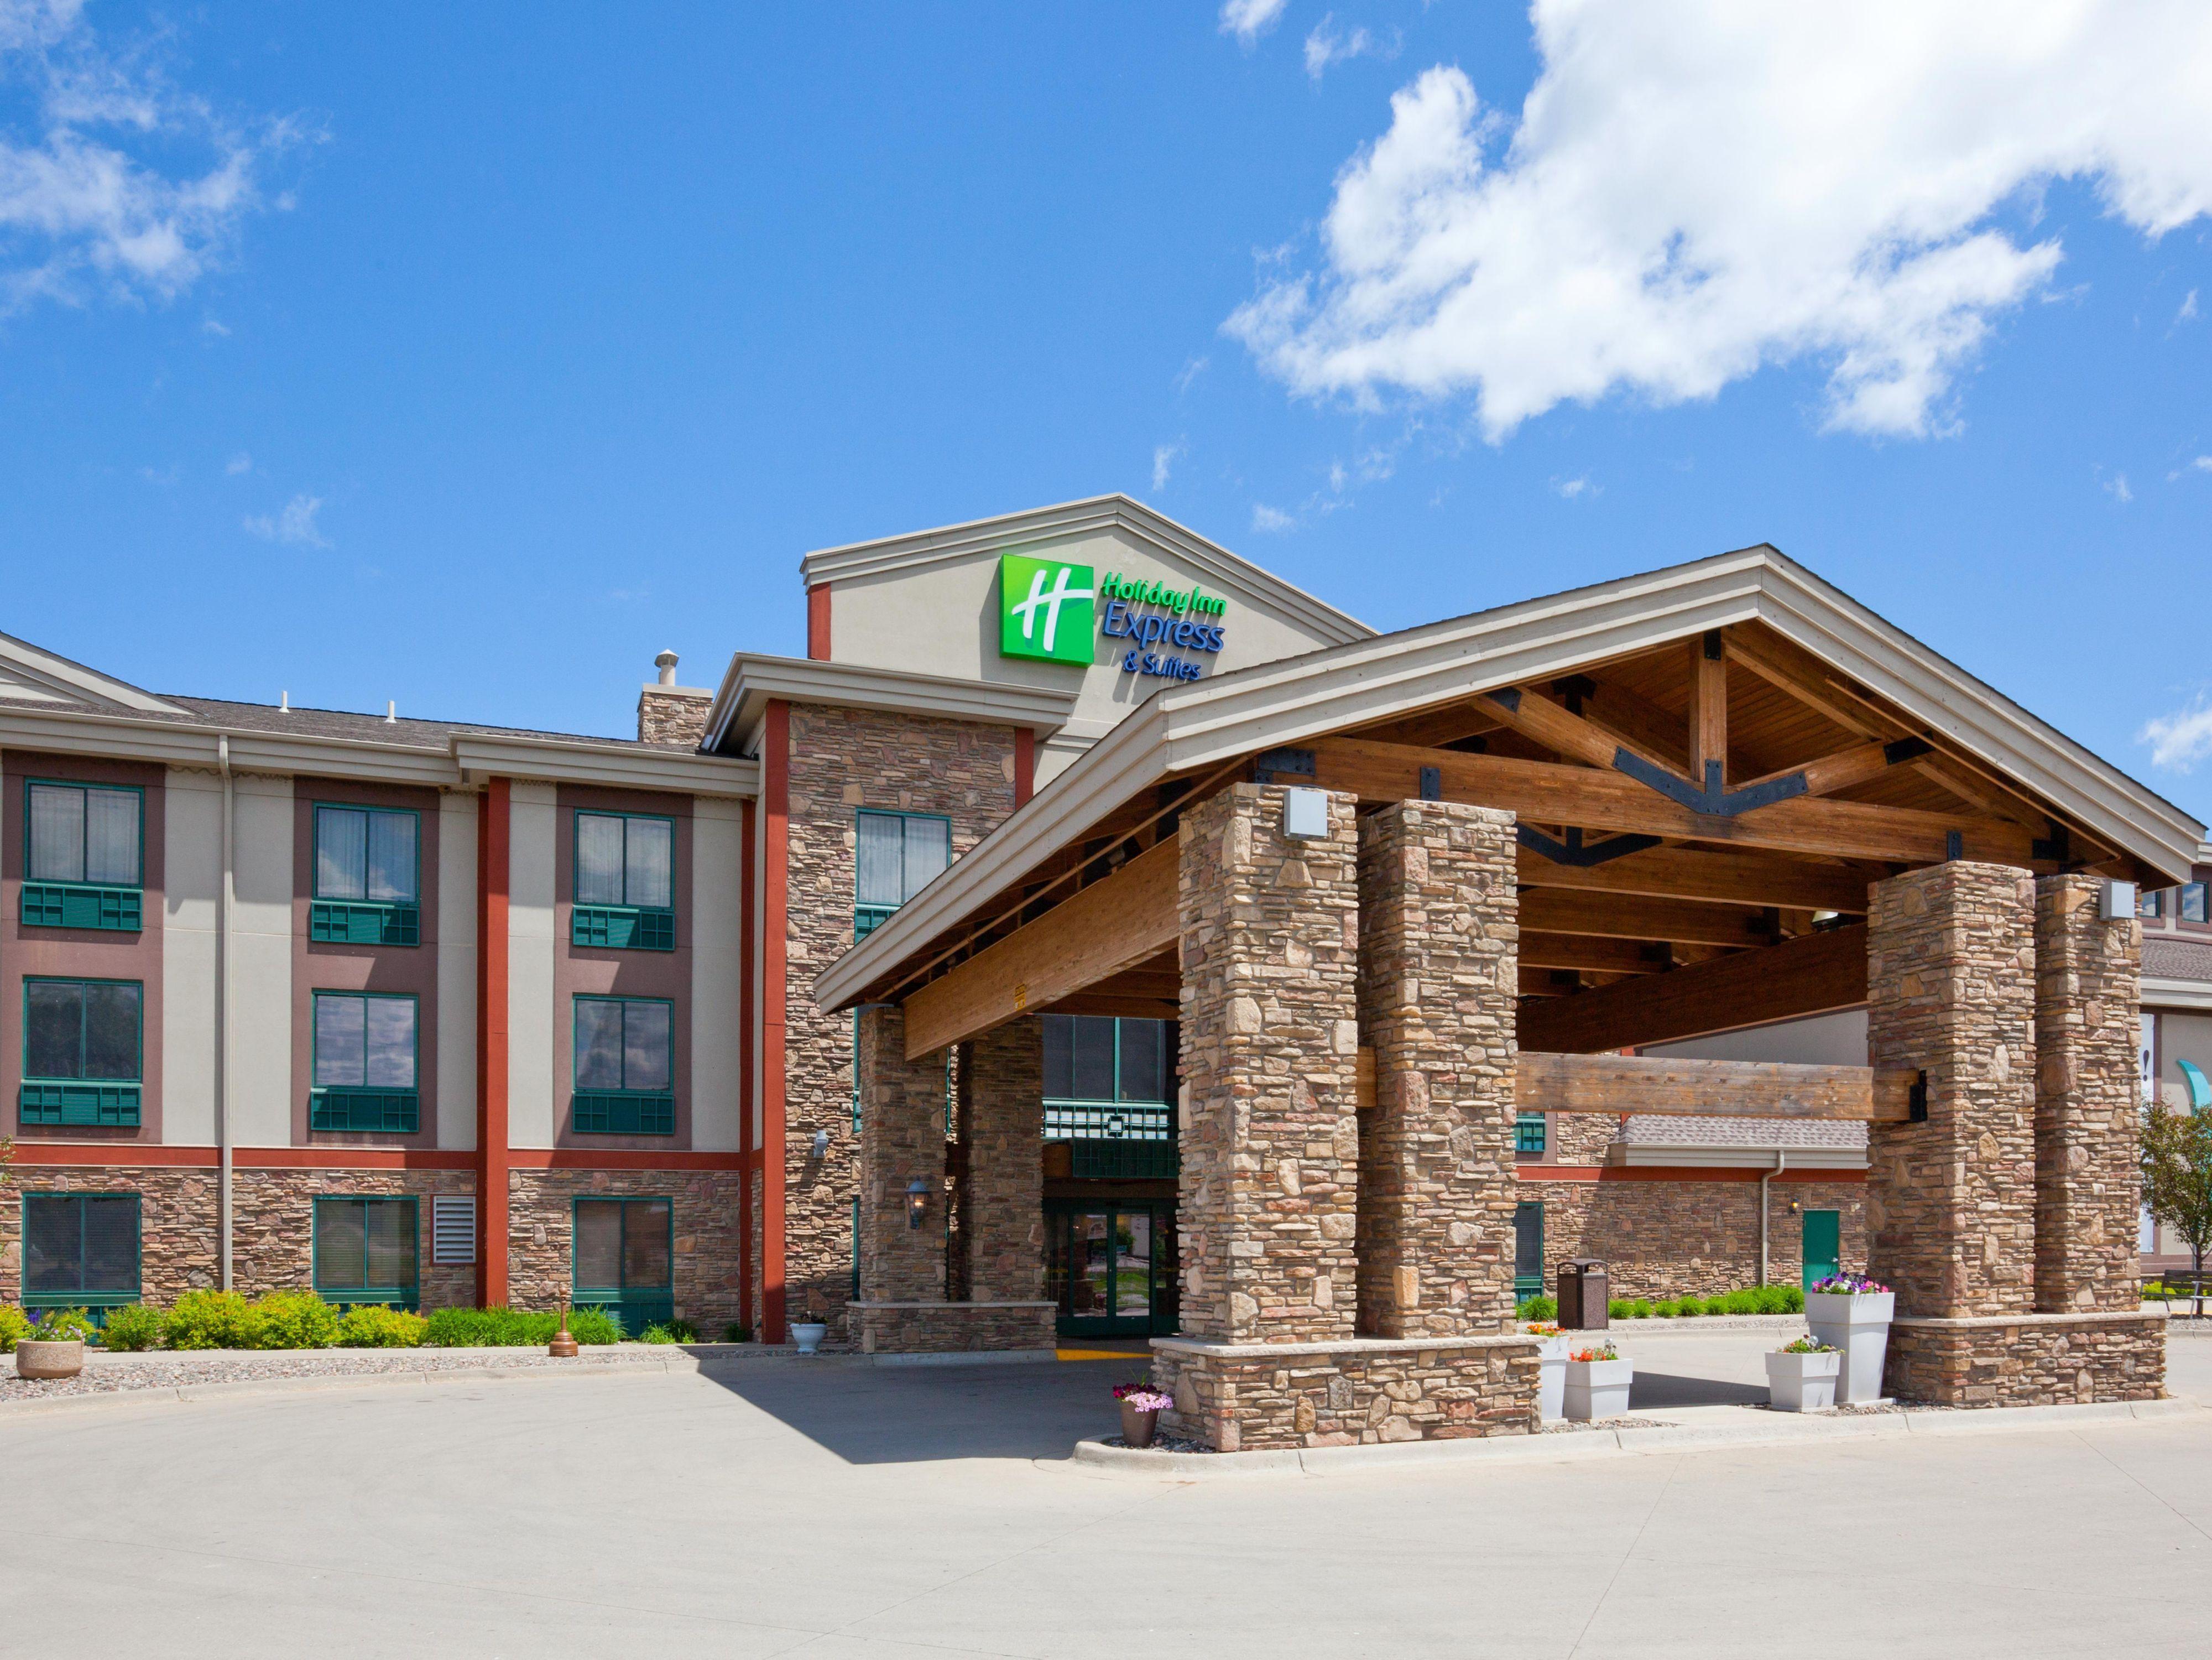 Holiday Inn Express Suites Brainerd Baxter Hotel By Ihg Holiday Inn Hotel Hotel Suites